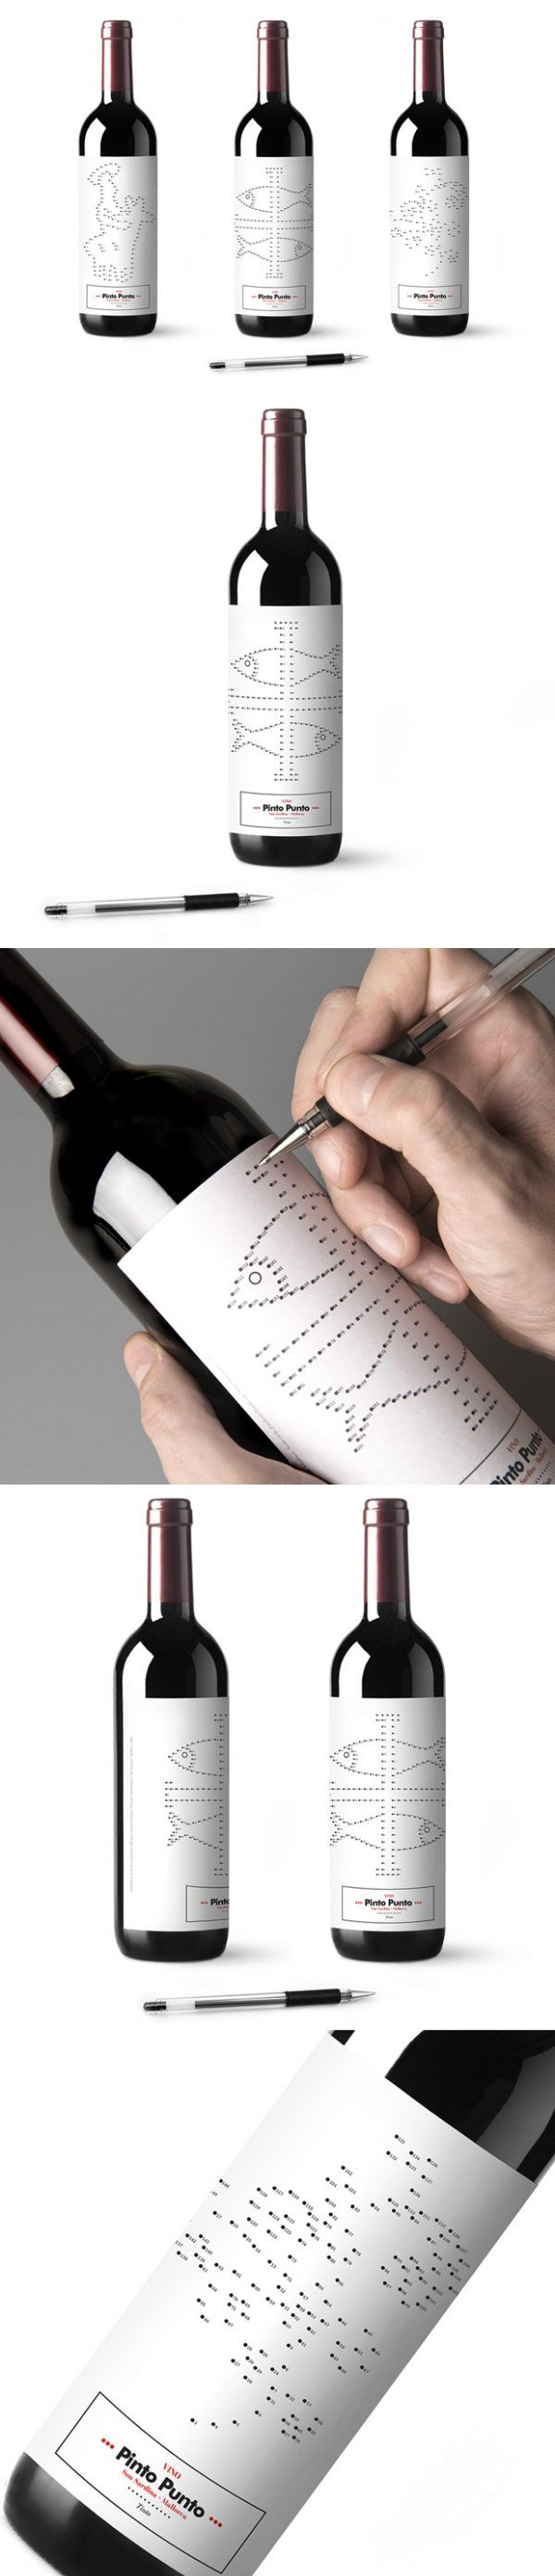 Bouteille - Vin - Jeu - Etiquettes - Vino Pinto Punto - Xisco Barceló